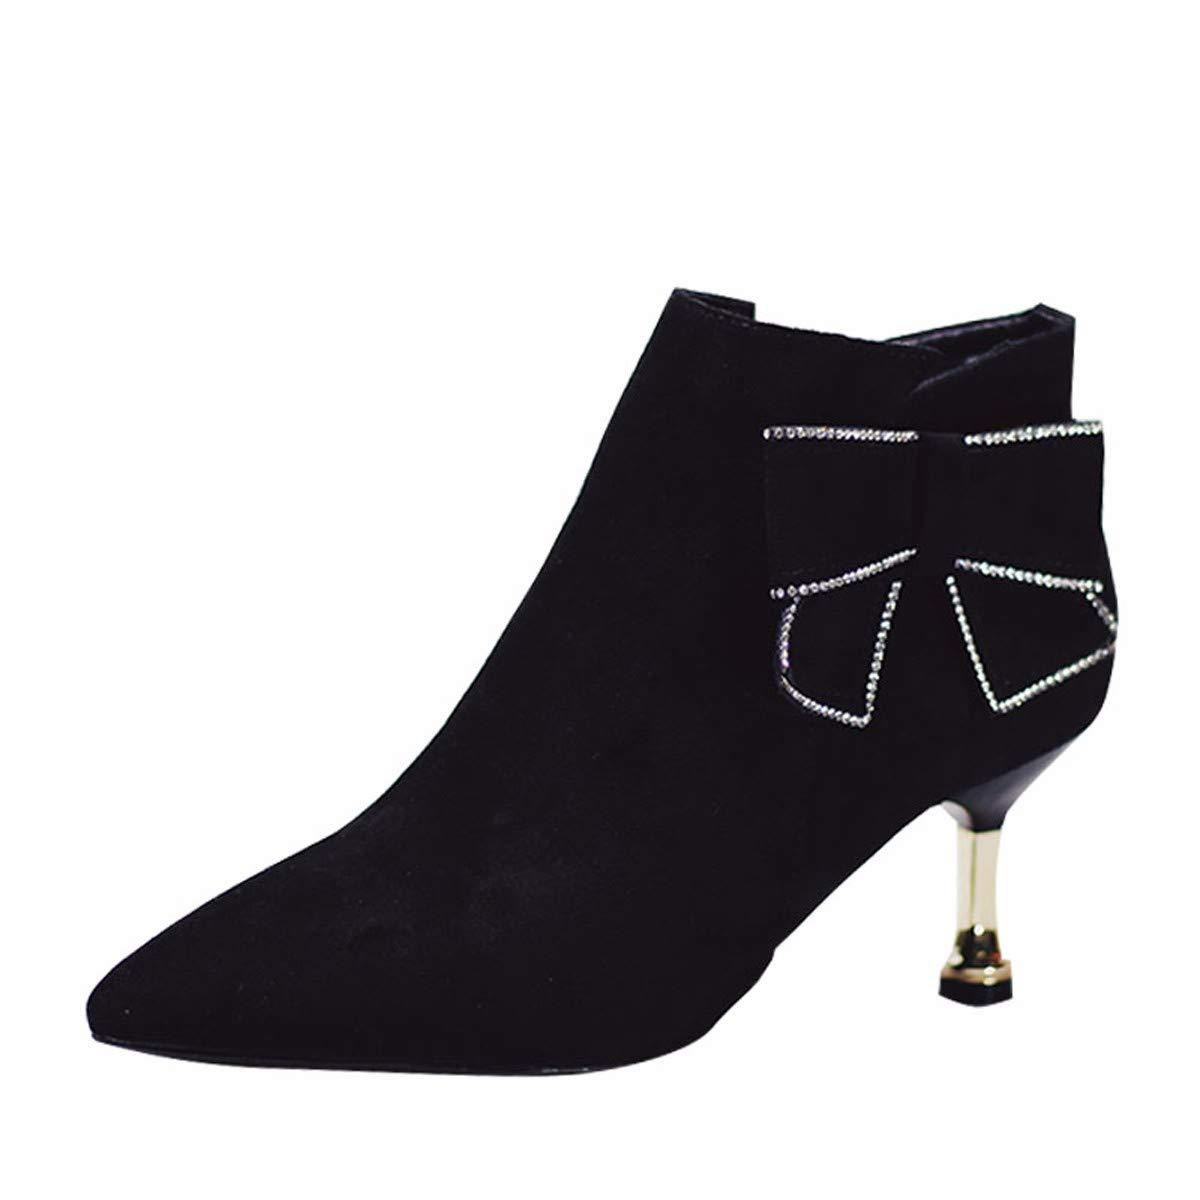 HBDLH Damenschuhe/Kurze Stiefel Mit Hohen 6 cm Spitzen - Dünne Heels Katze Und Hund Komfortabel Kurzen Schlauch Ma Dingxue